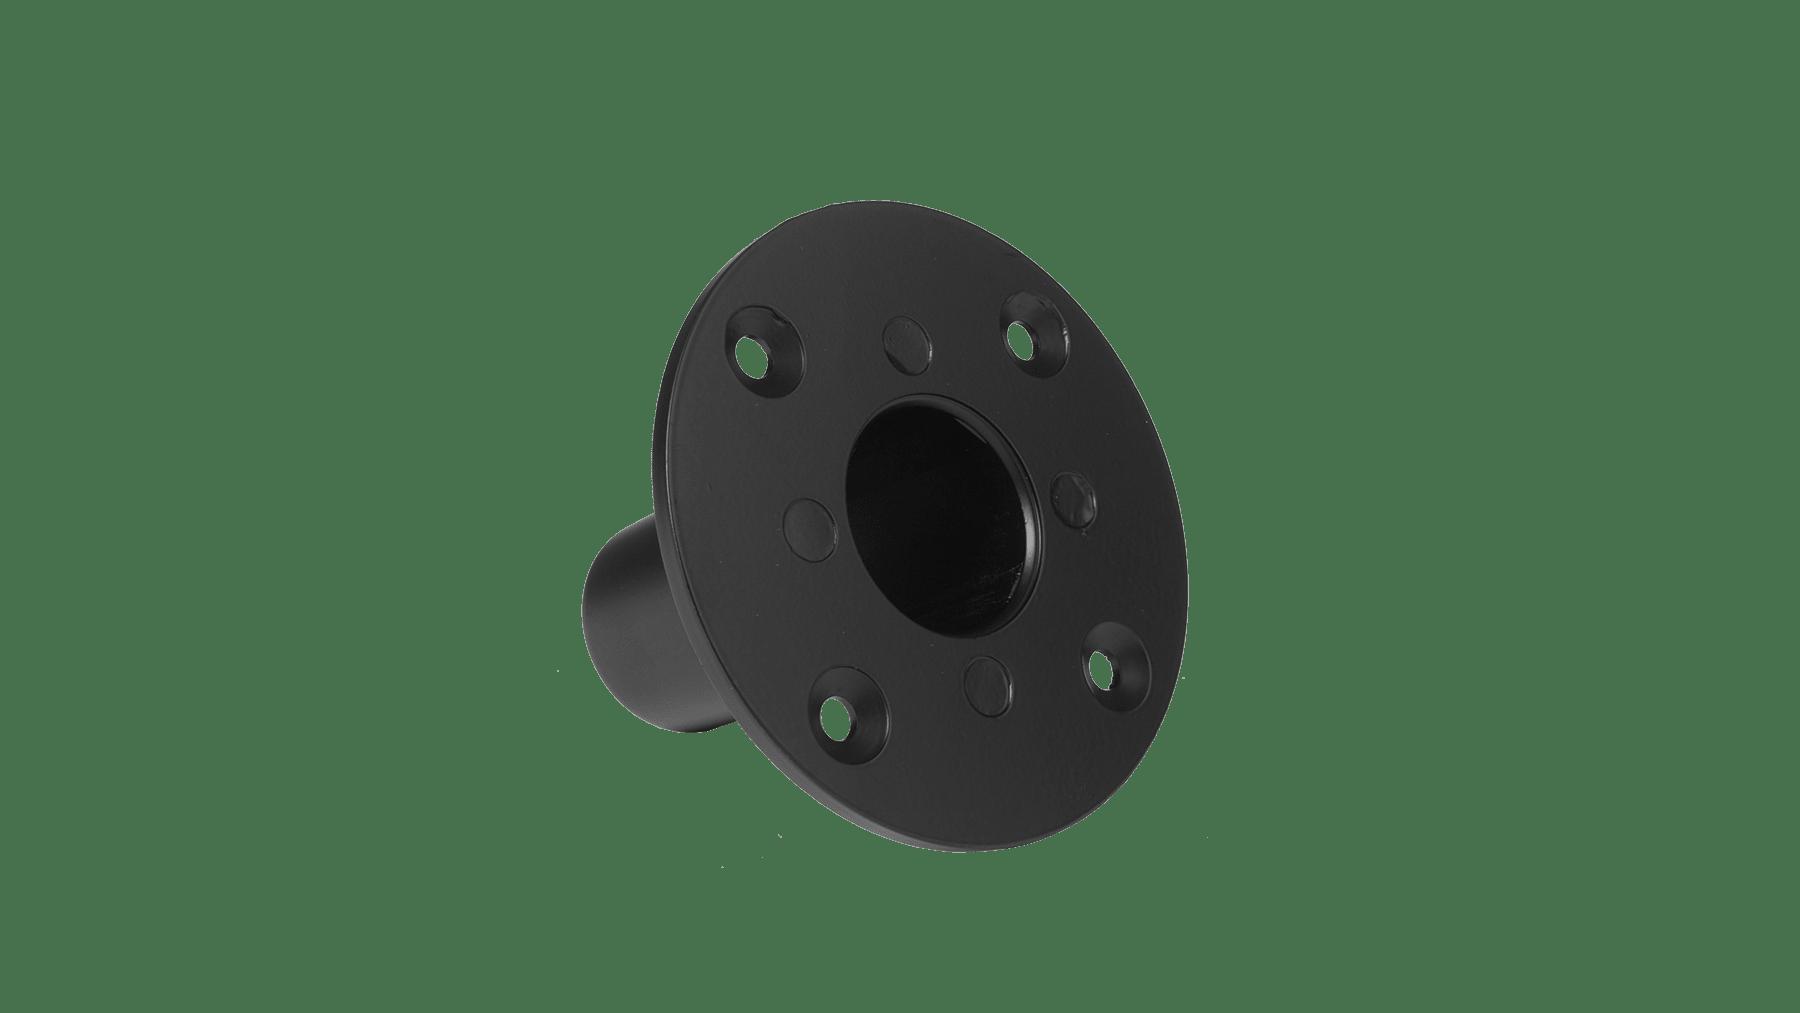 CHB196 - Built-in head base for speaker cabinet 35mm